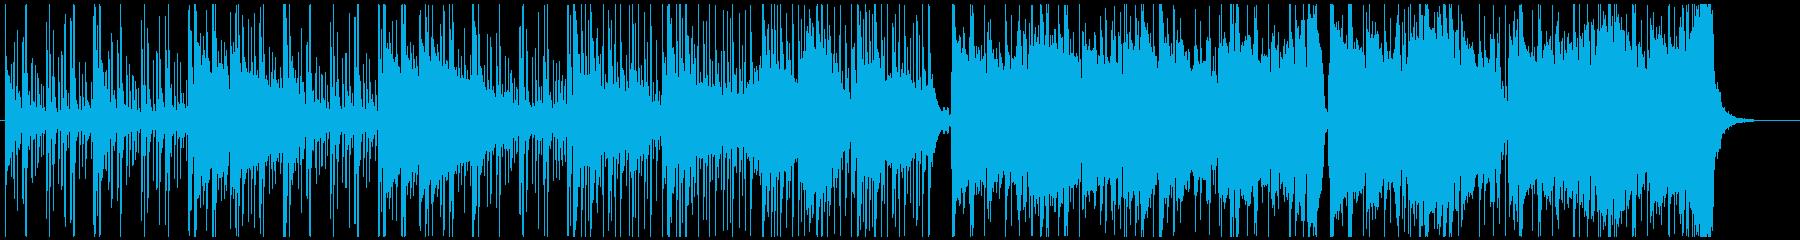 スピード感 無骨なジャズ アクション劇伴の再生済みの波形